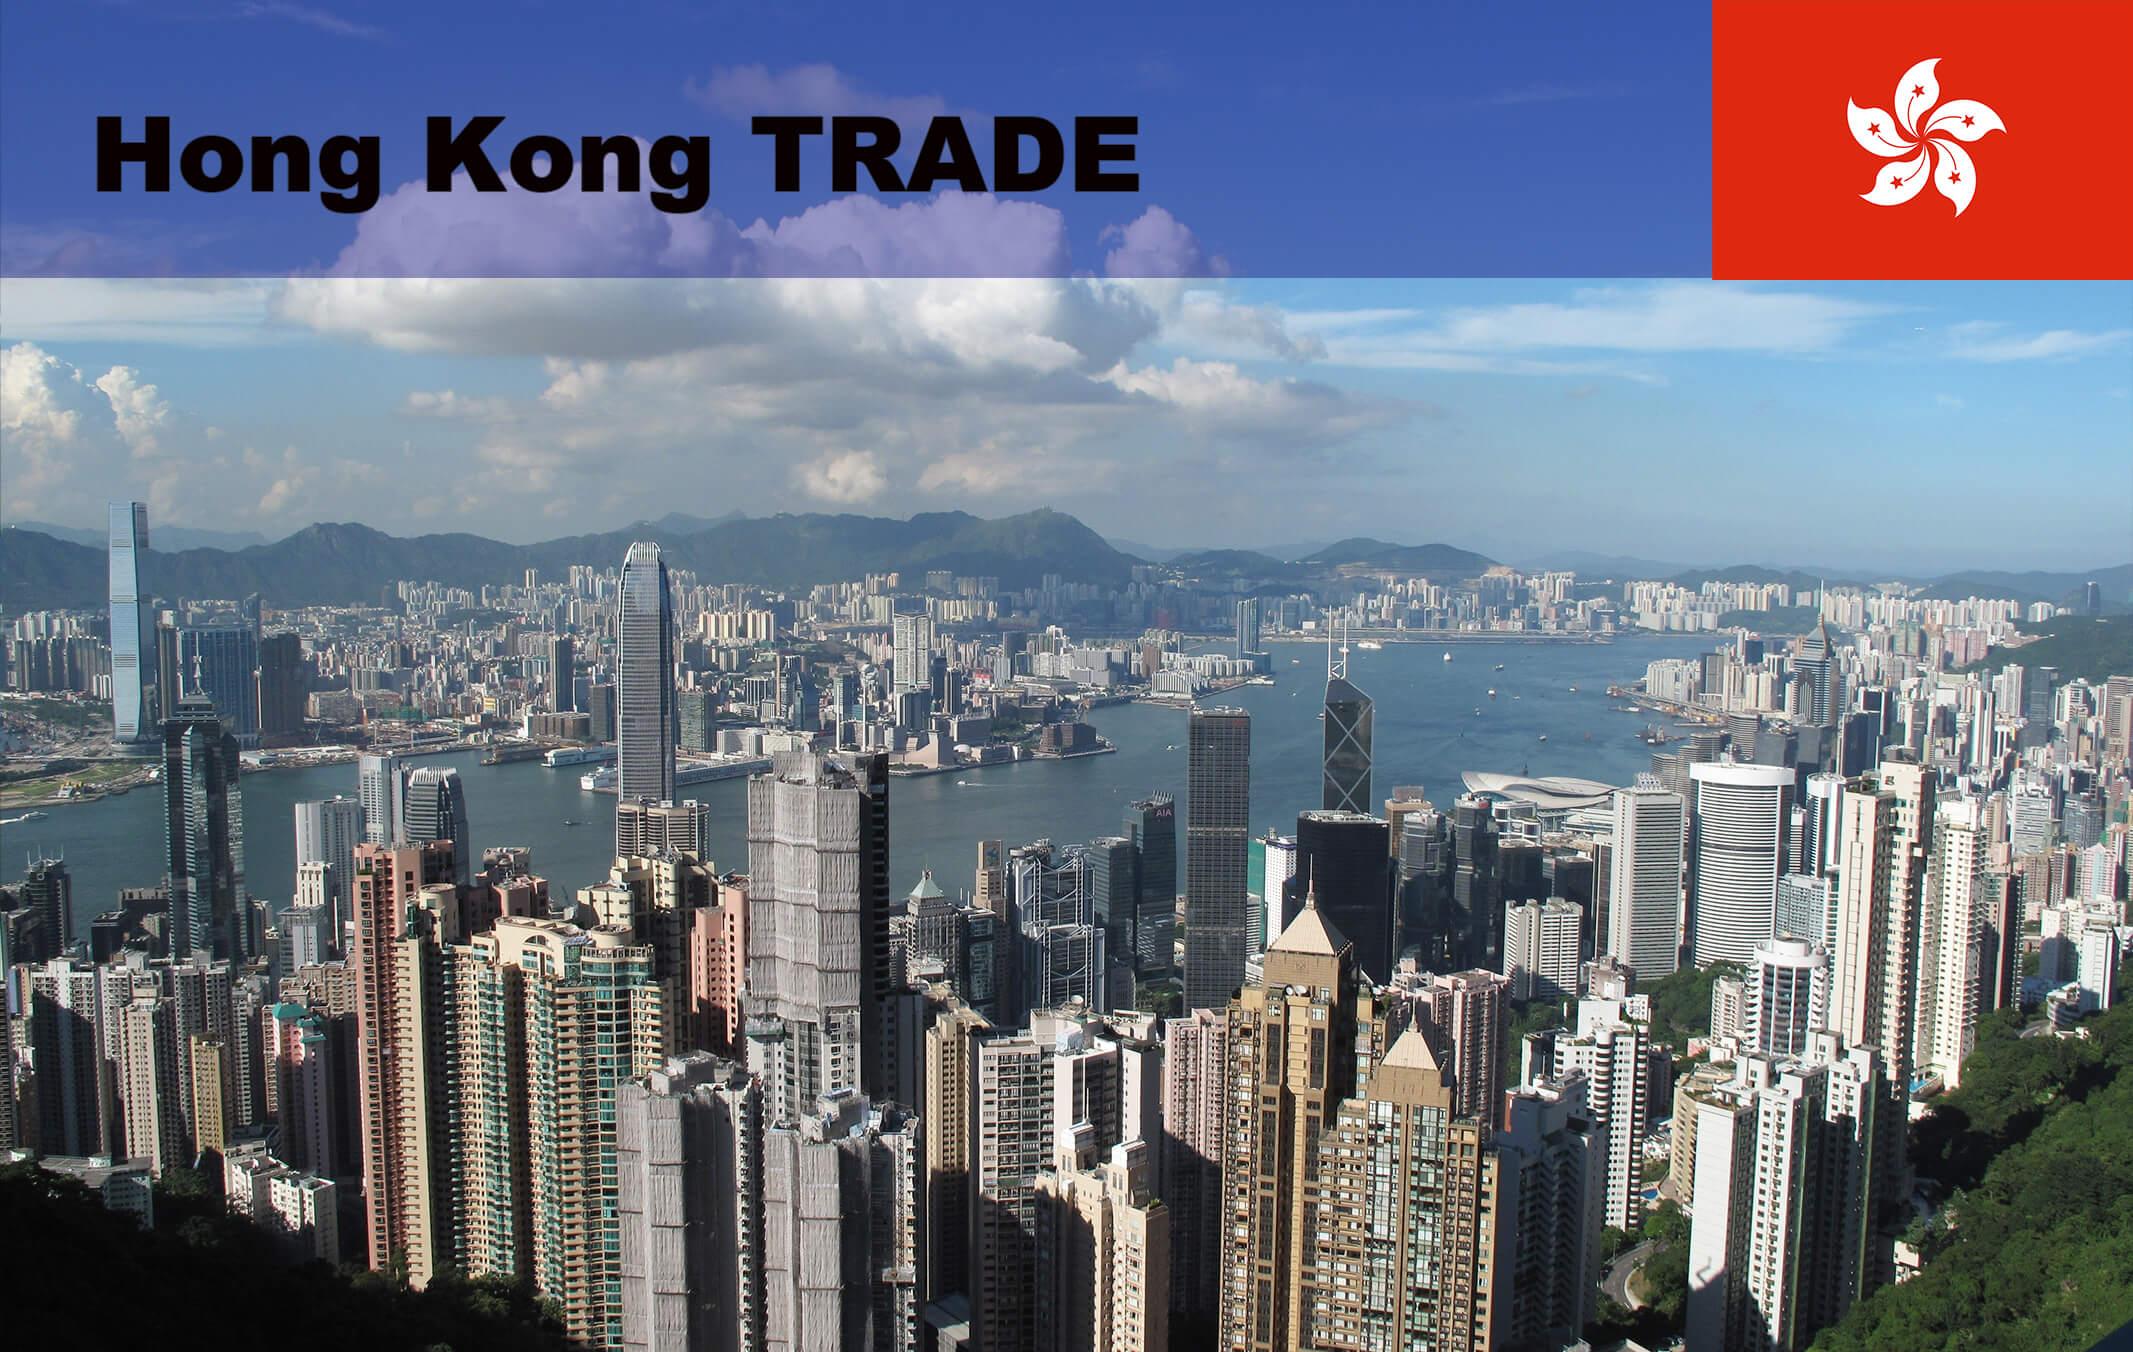 香港貿易の基礎知識   貿易相手国ランキング・各国FTAの状況・新型コロナの影響